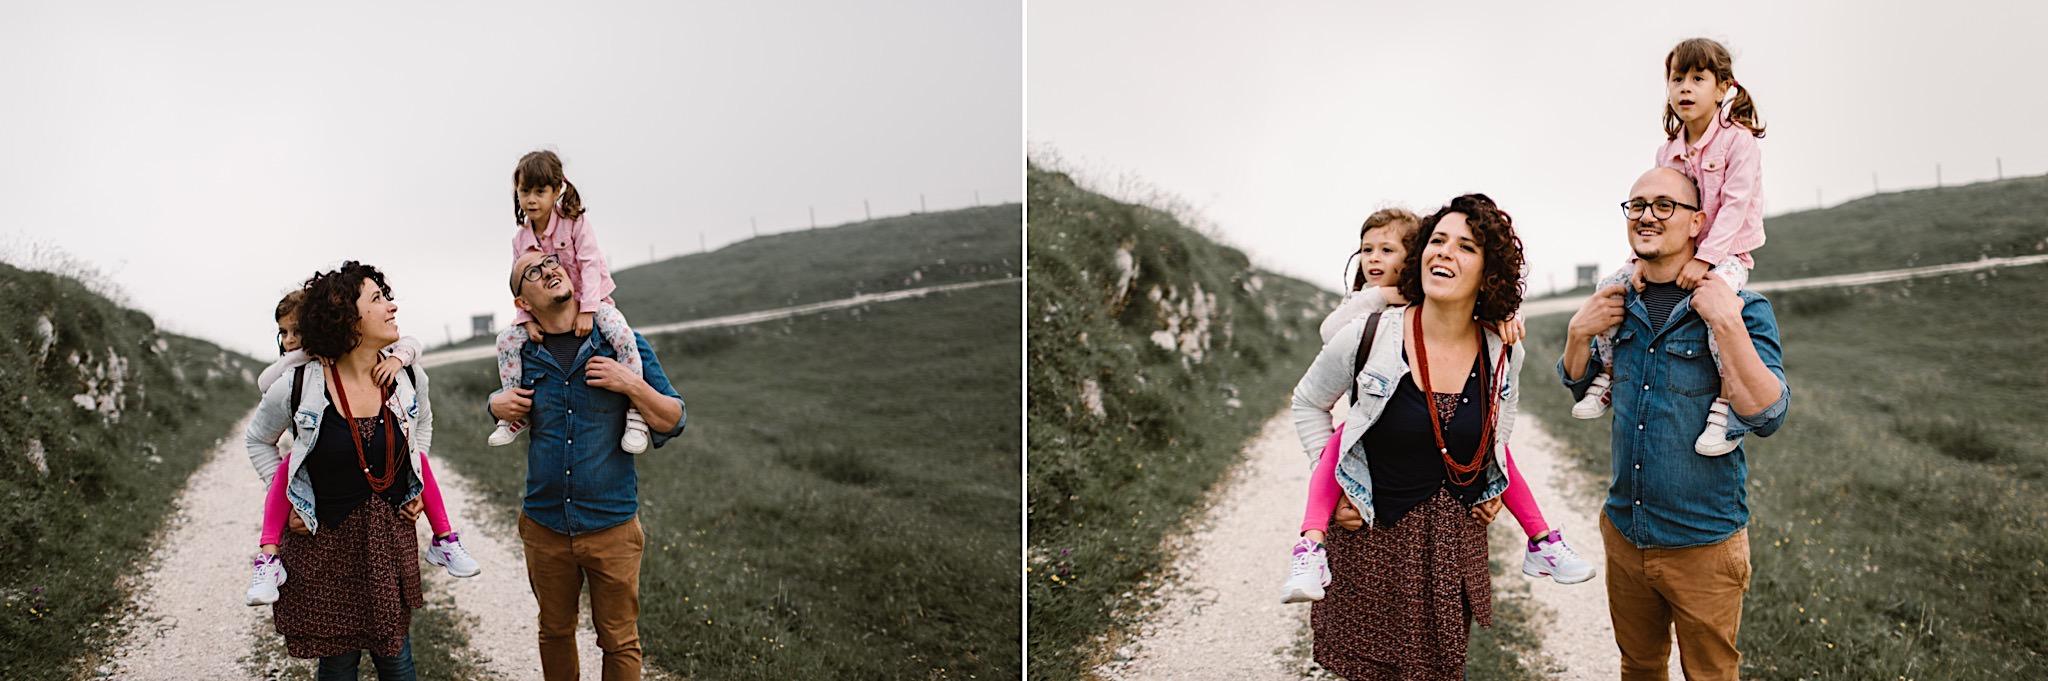 fotografo-matrimonio-originale-daniele-padovan-09